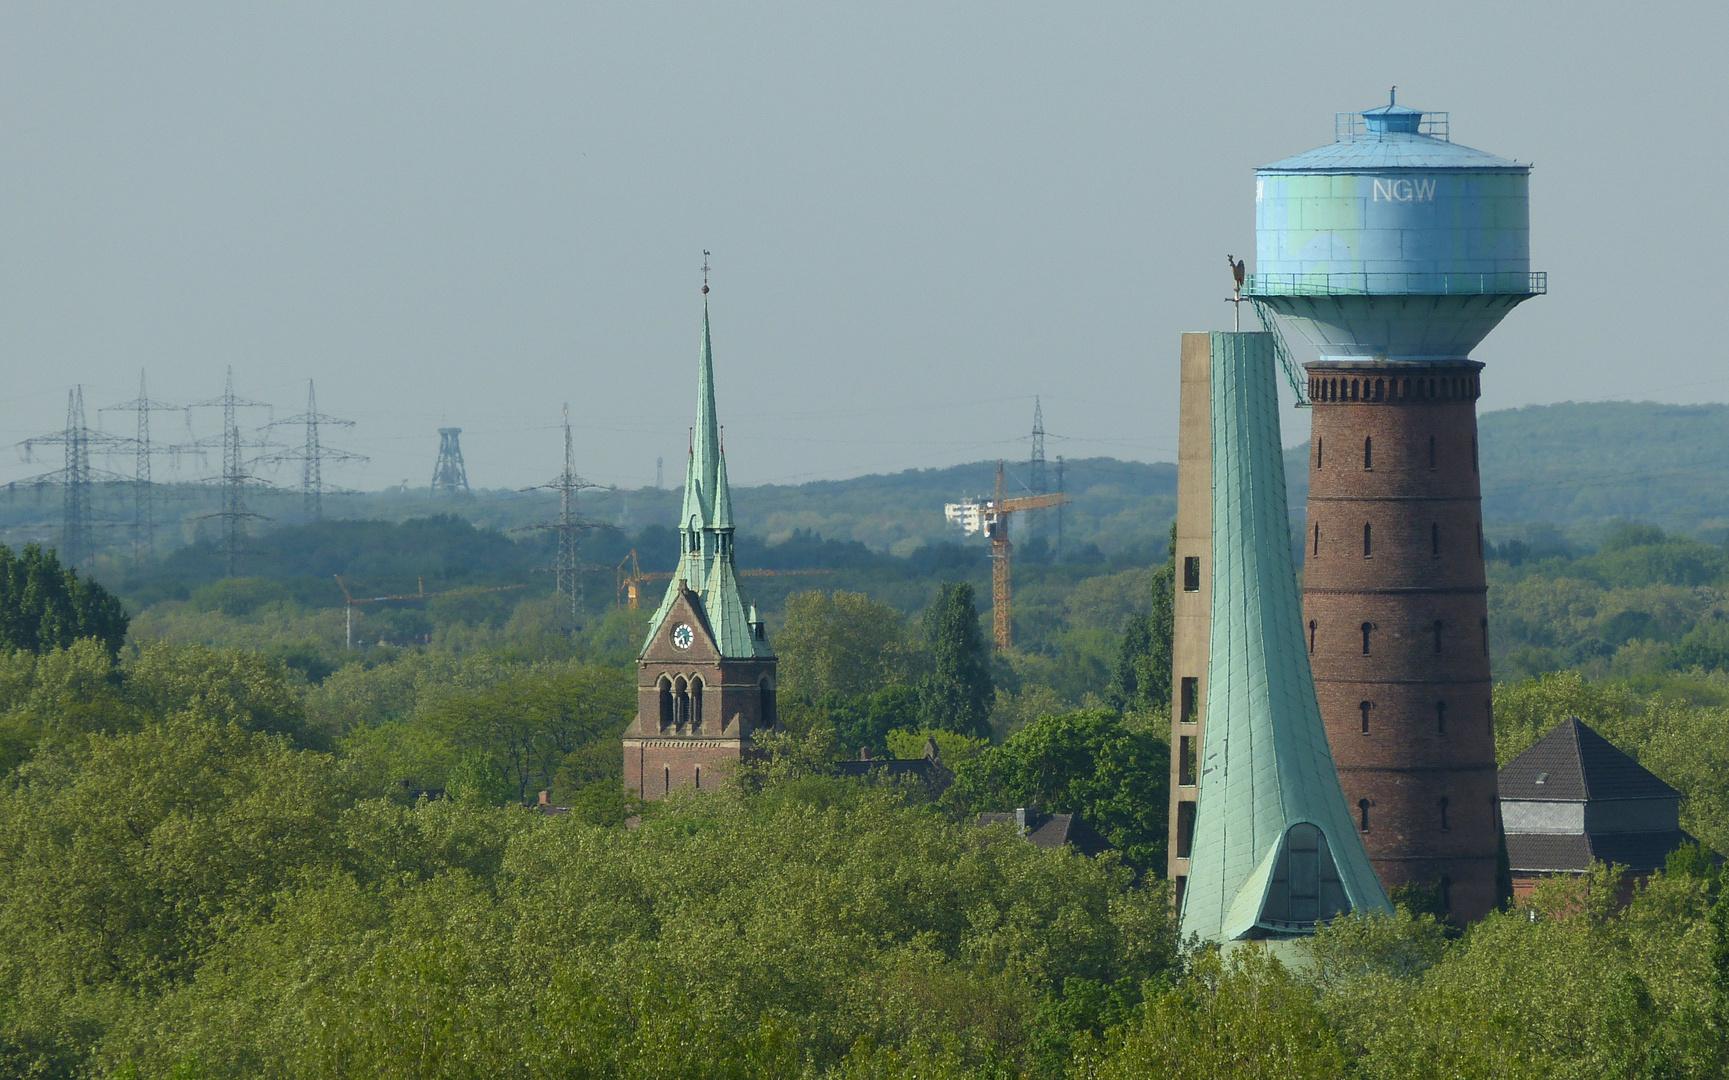 Hilfe: Duisburg-Hamborn von Urwald überwuchert !!!